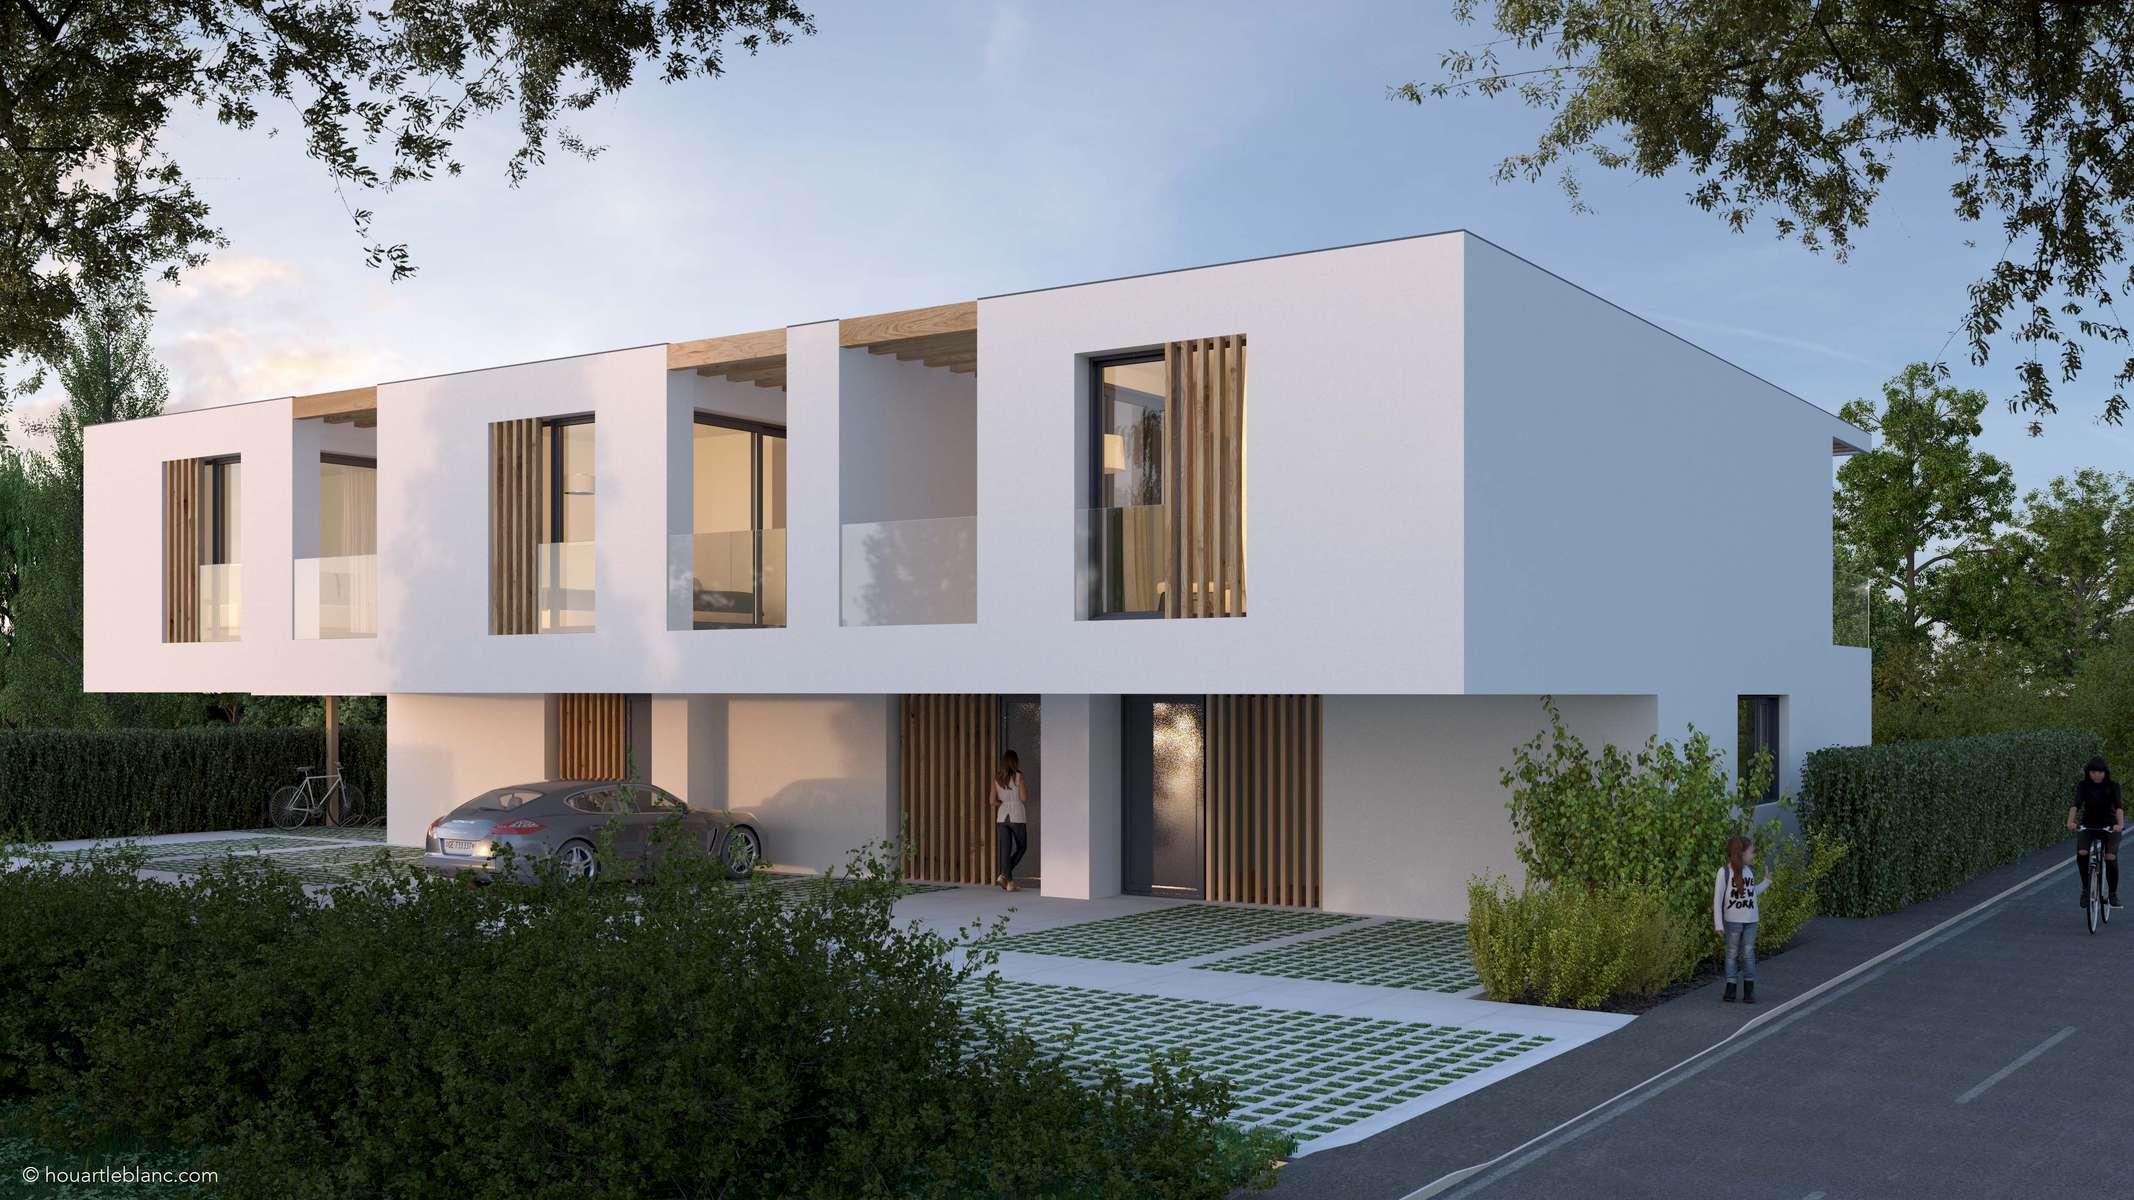 (ris+partenaires 2018 en cours)Projet: Construction de 3 habitations contigüesPregny-Chambésy - SuisseSurface:429 m2Chef de projet:Antoine RisMandat: Projet